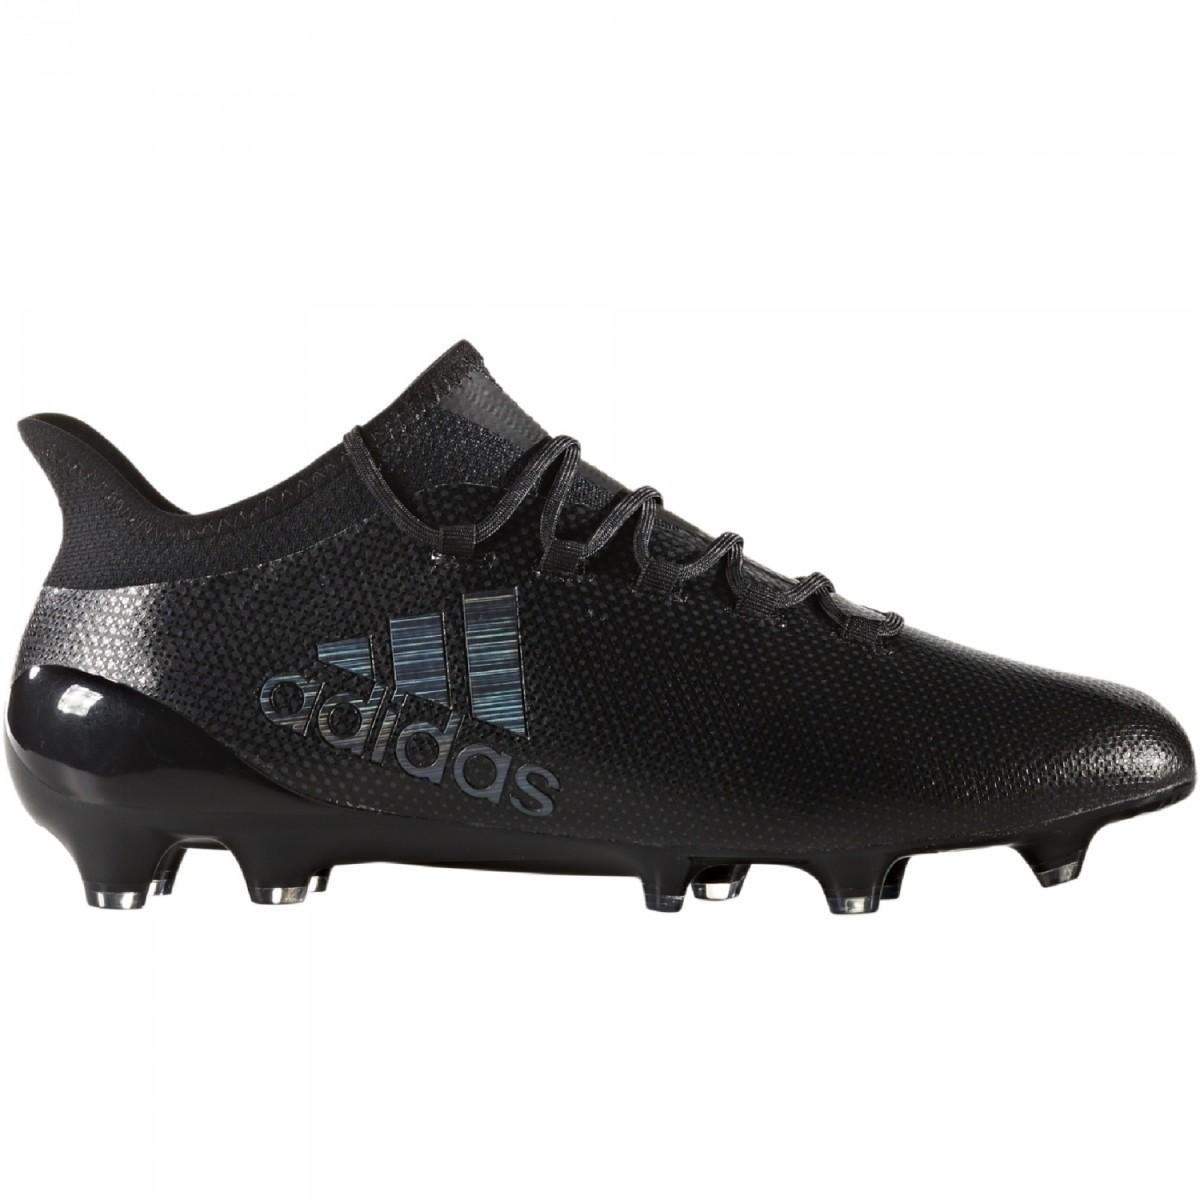 adidas X 17.1 FG Herren Fußballschuhe Nocken schwarz